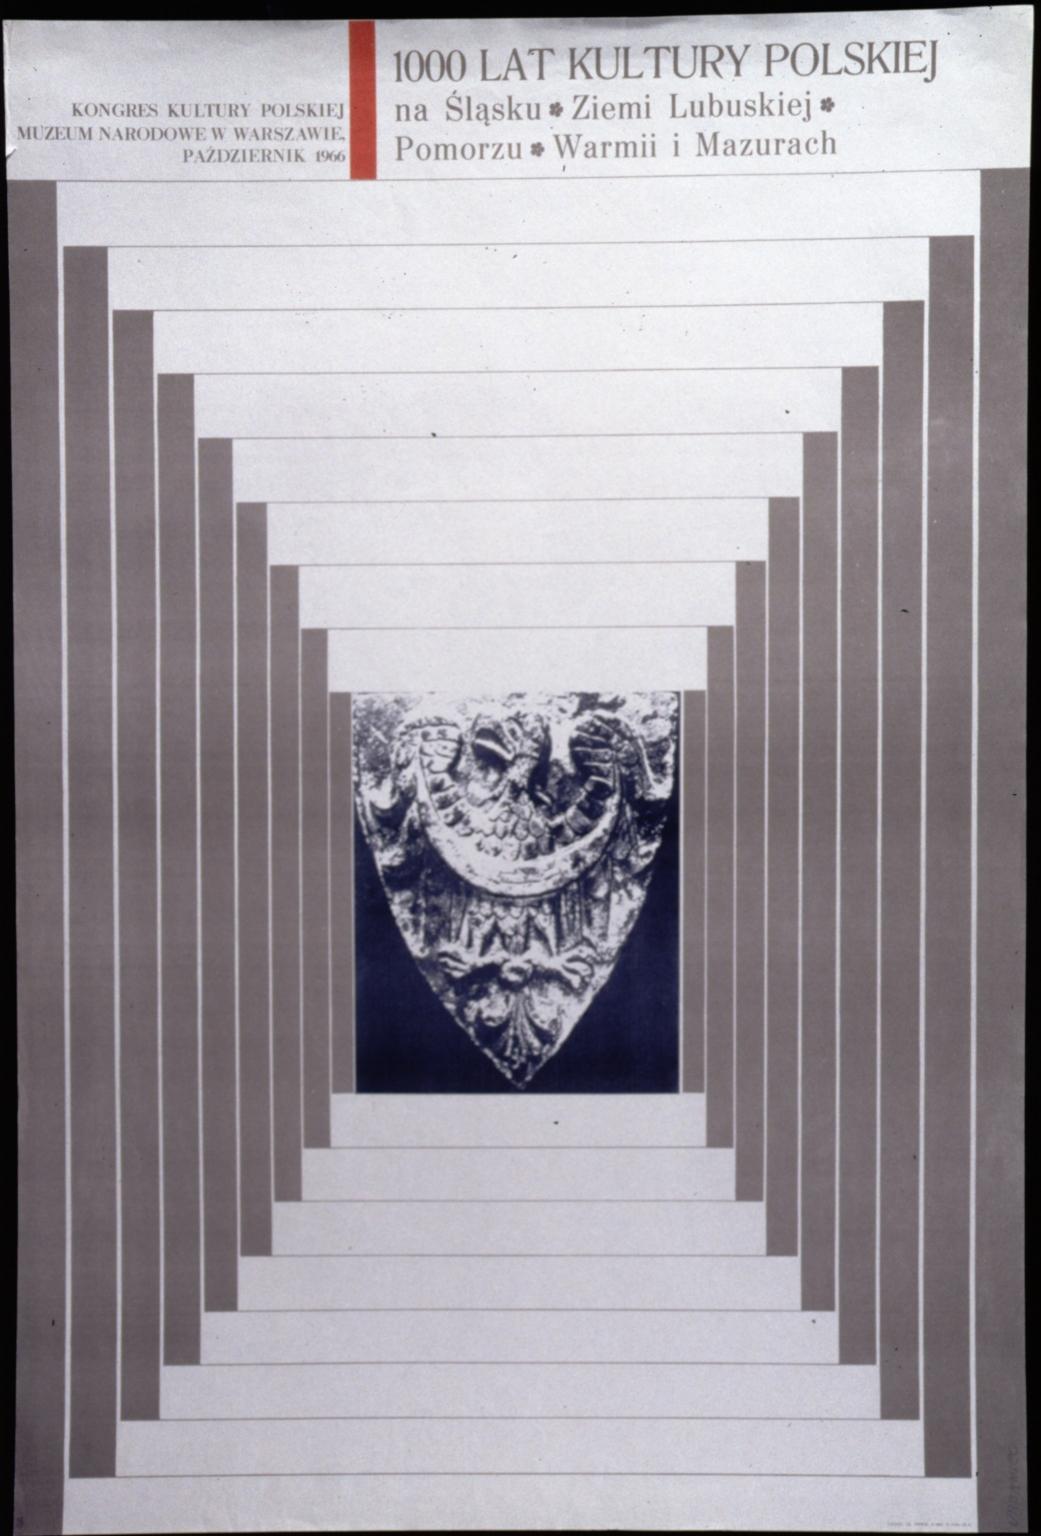 1000 lat Kultury Polskiej na Slasku, Ziemi Lubuskiej, Pomorzu, Warmii i Mazurach: Kongres Kultury Polskiej, Muzeum Narodowe w Warszawie : Pazdziernik 1966